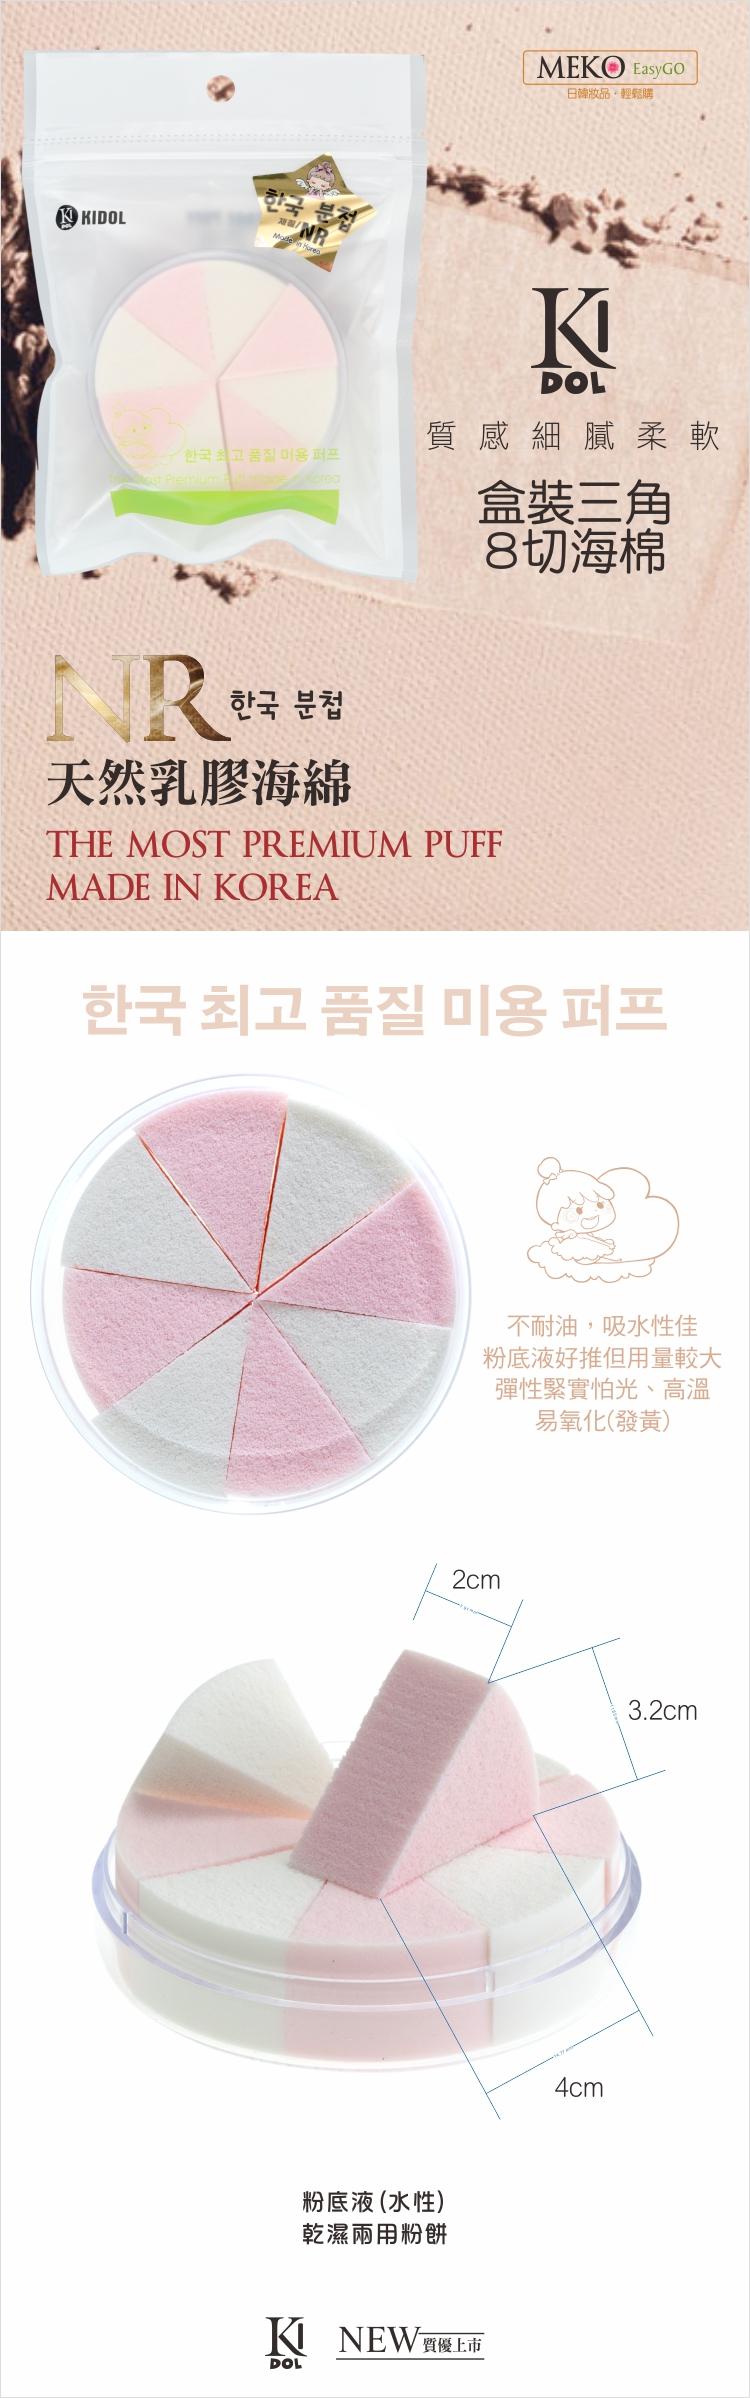 韓國 化妝海綿 韓國 粉撲 kidol 化妝海綿 韓國